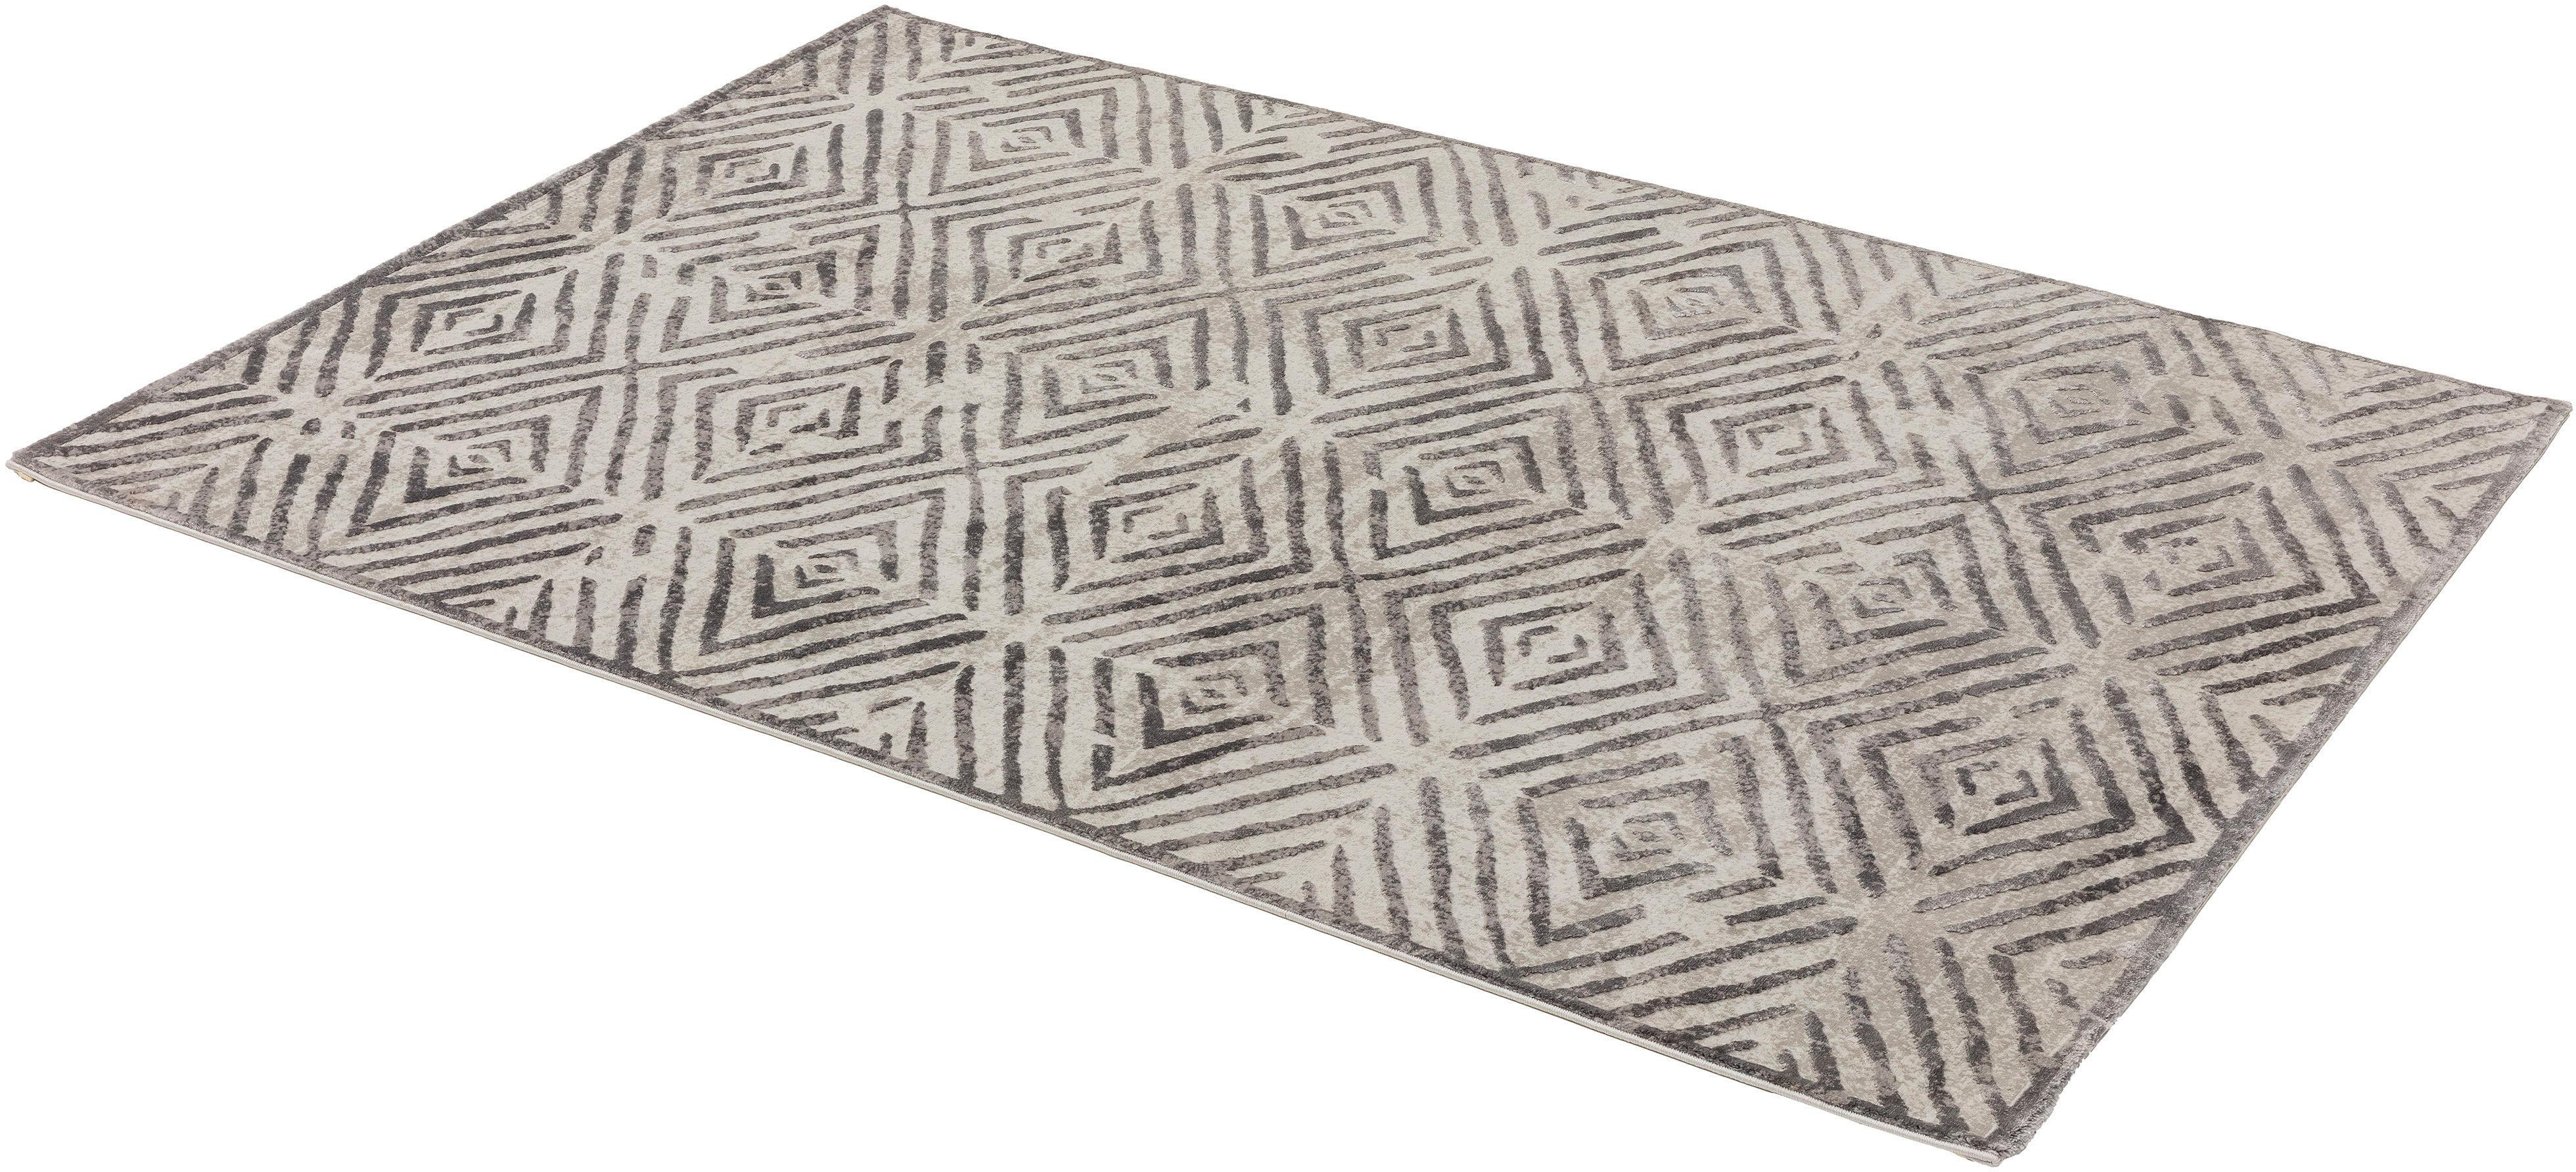 Teppich Brilliance 182 SCHÖNER WOHNEN-Kollektion rechteckig Höhe 10 mm maschinell gewebt